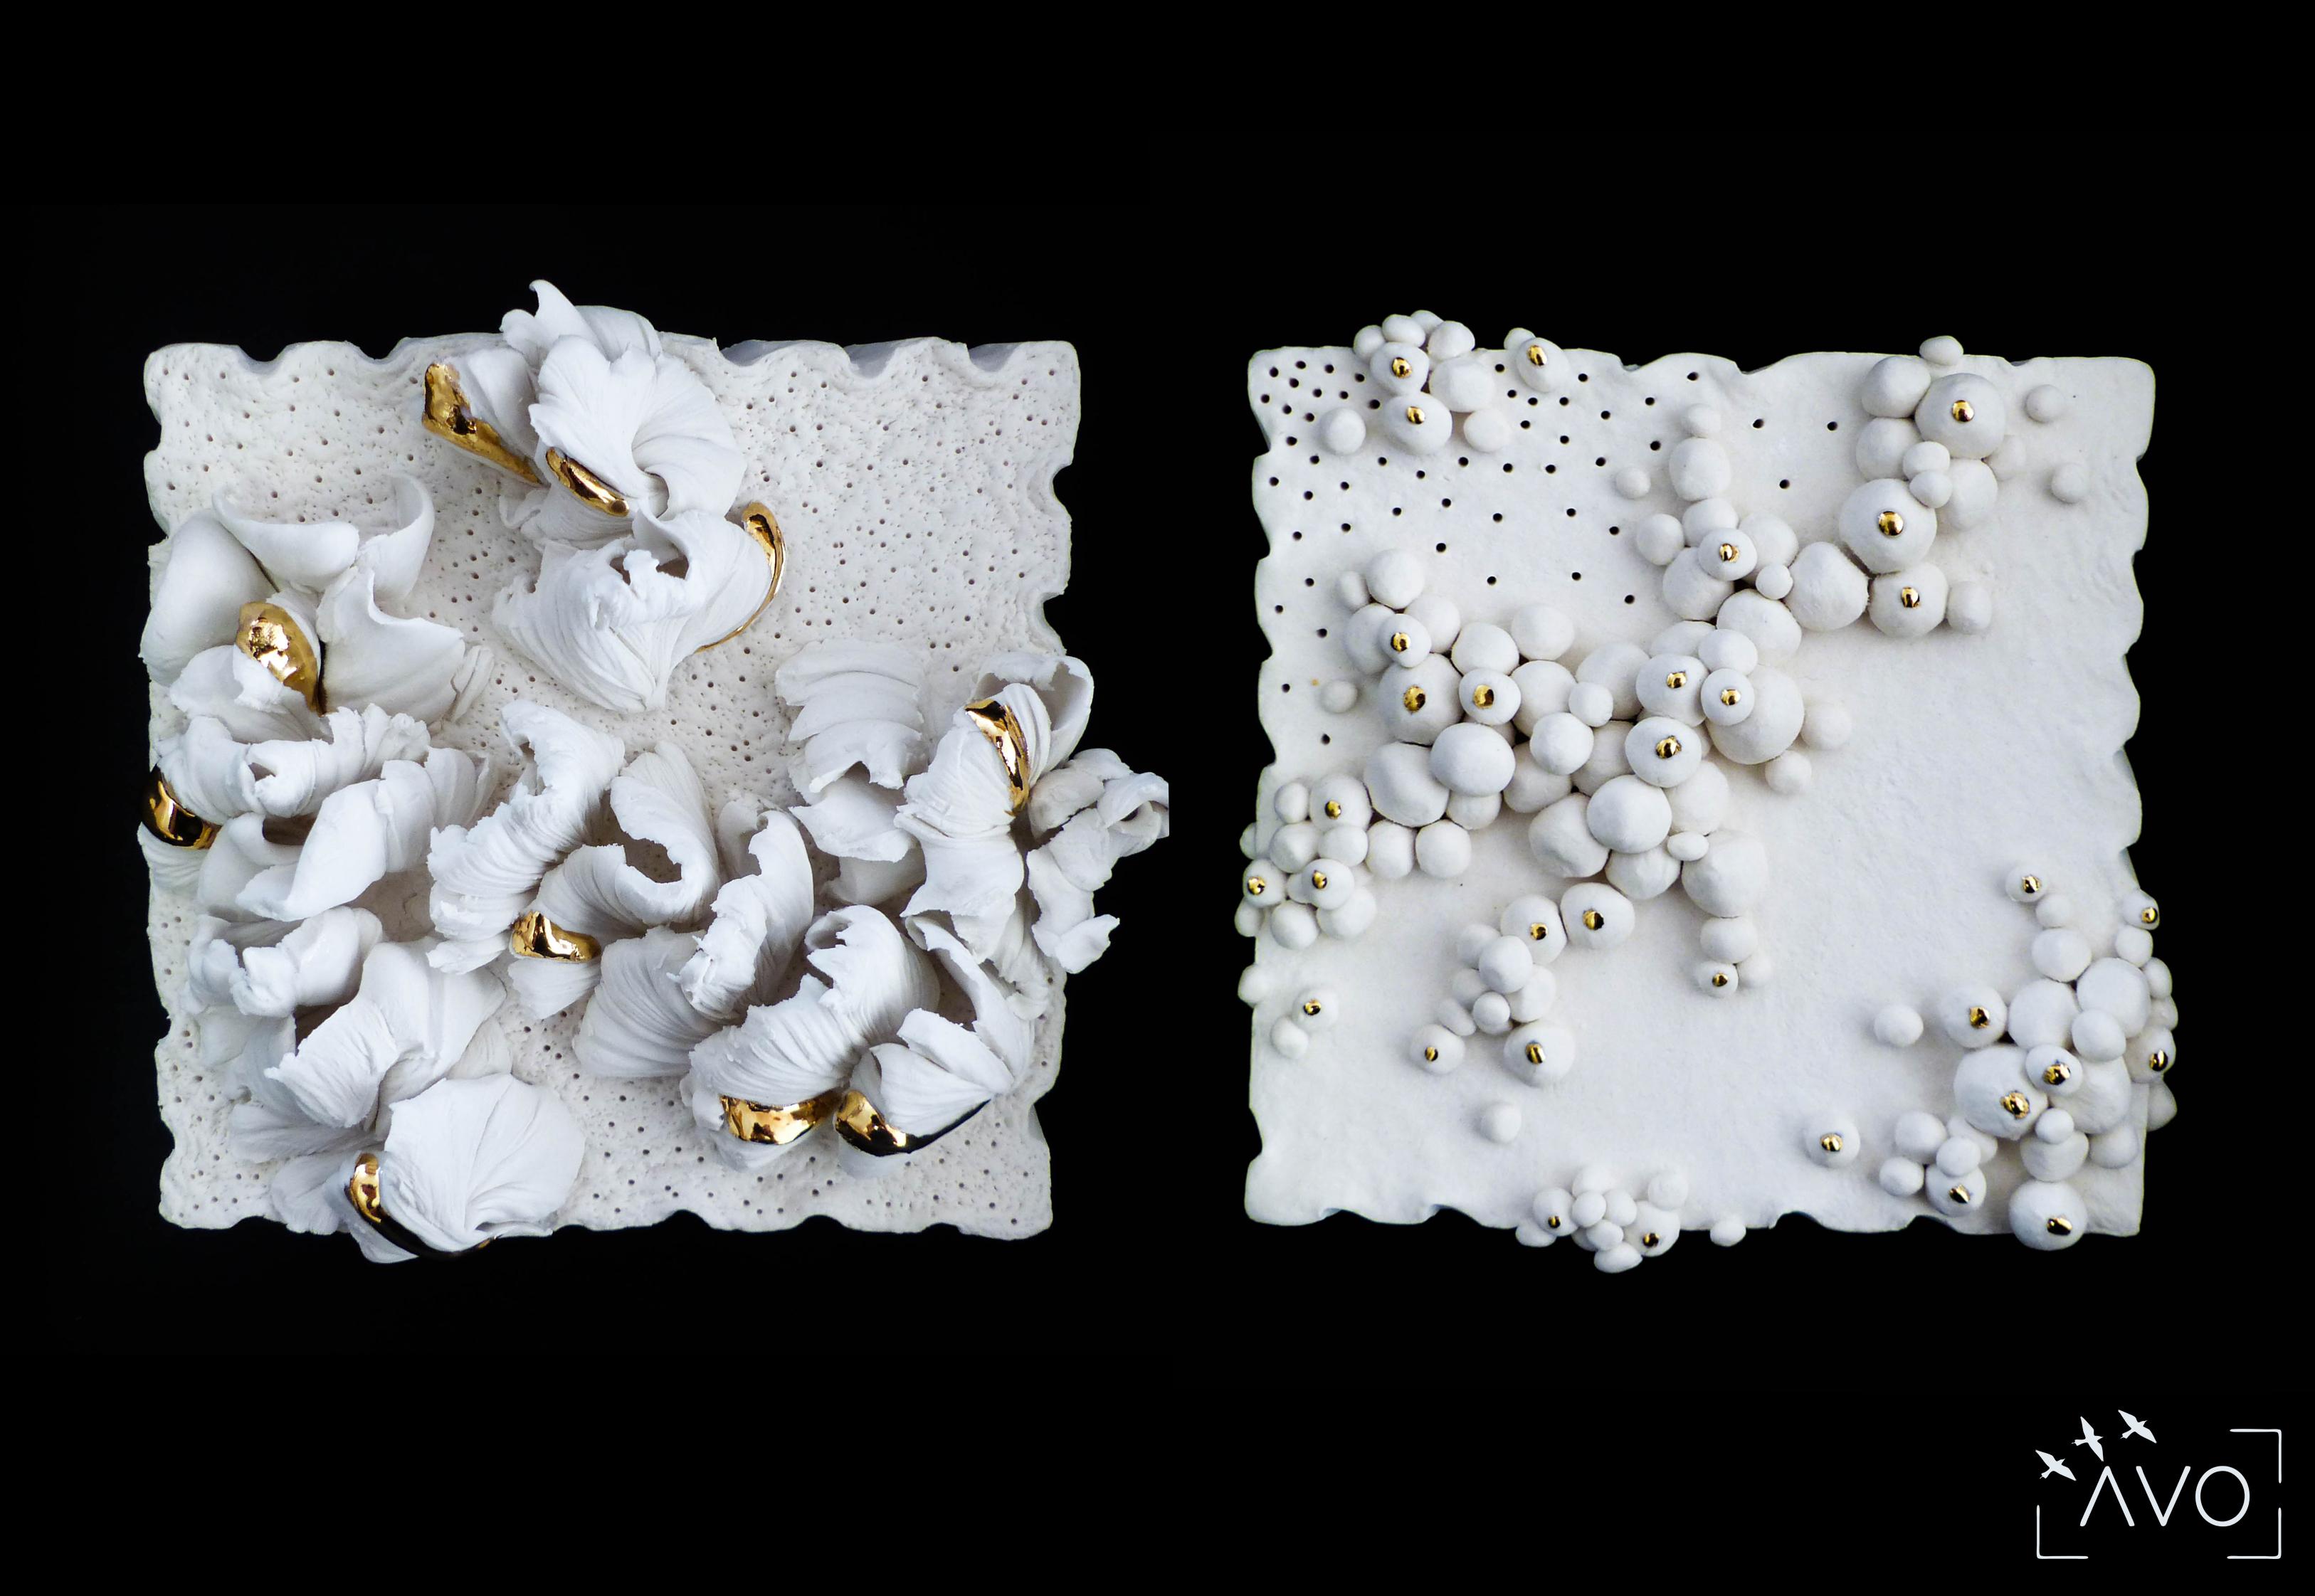 les carrés céramique porcelaine st pierre d'allevard stage cours atelier papier céramique art corail paysage mer